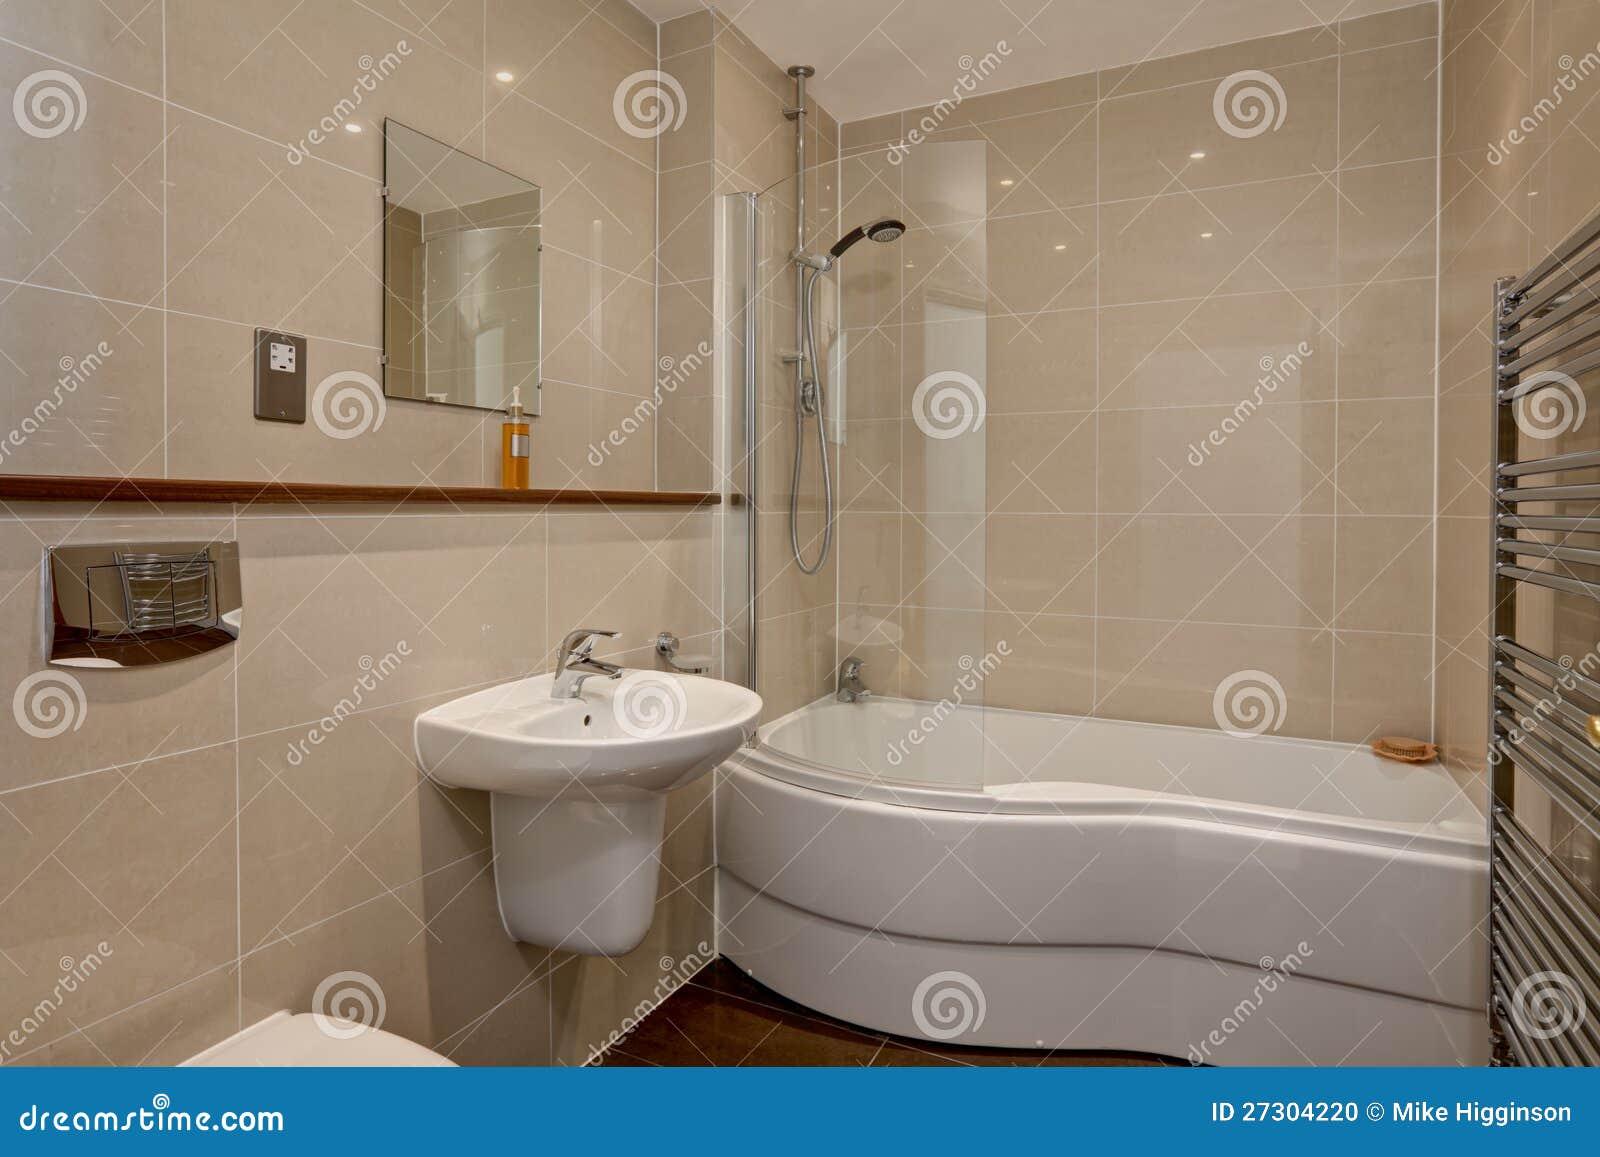 telhou o banheiro com ponto da bacia do chuveiro do wc e de shaver #AF6D1C 1300x957 Banheiro Com Banheira De Canto E Chuveiro